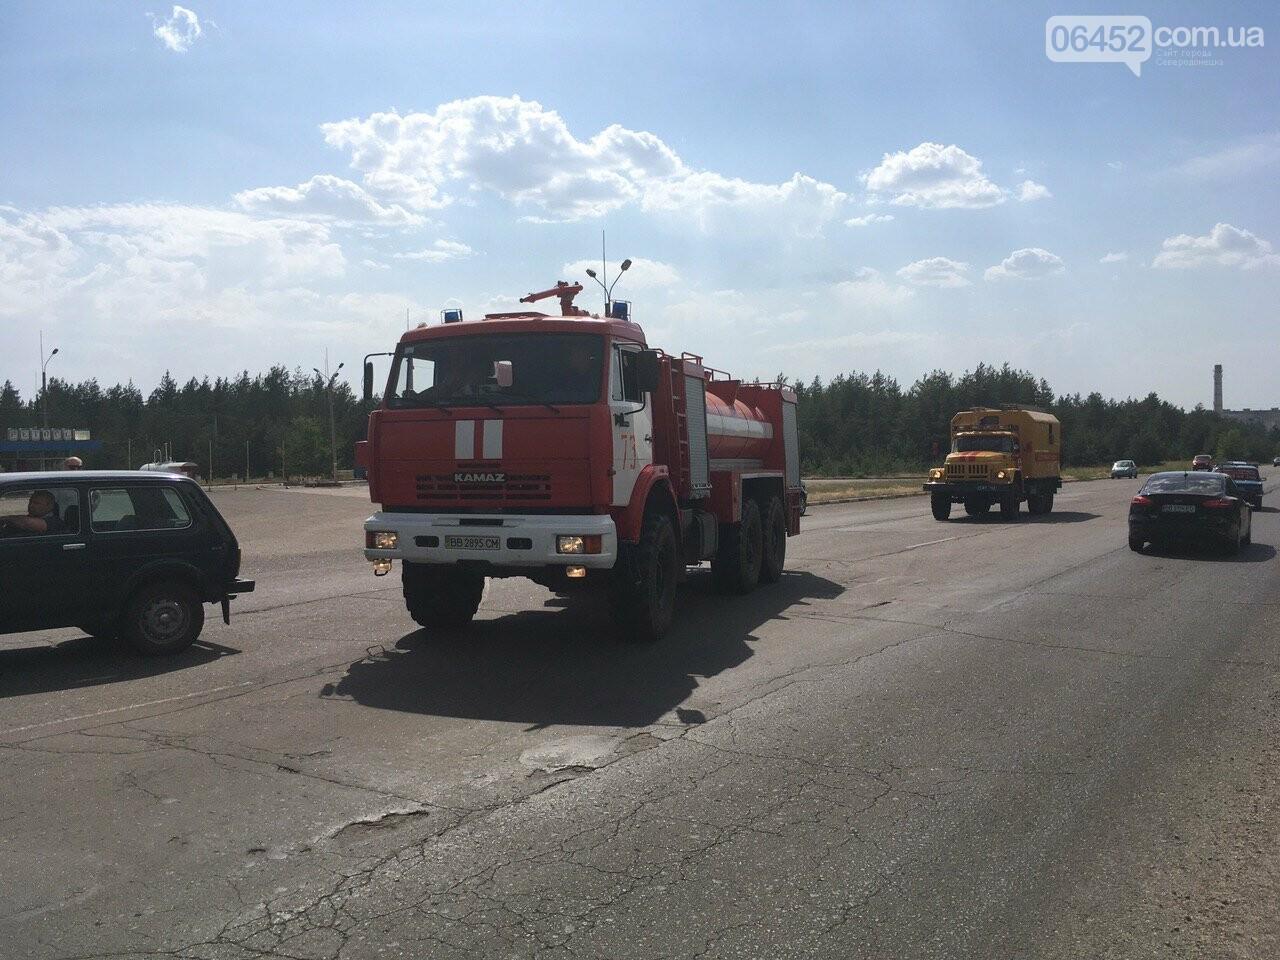 Масштабный пожар в Новоайдарском районе продолжает разрастаться (фото, видео), фото-4